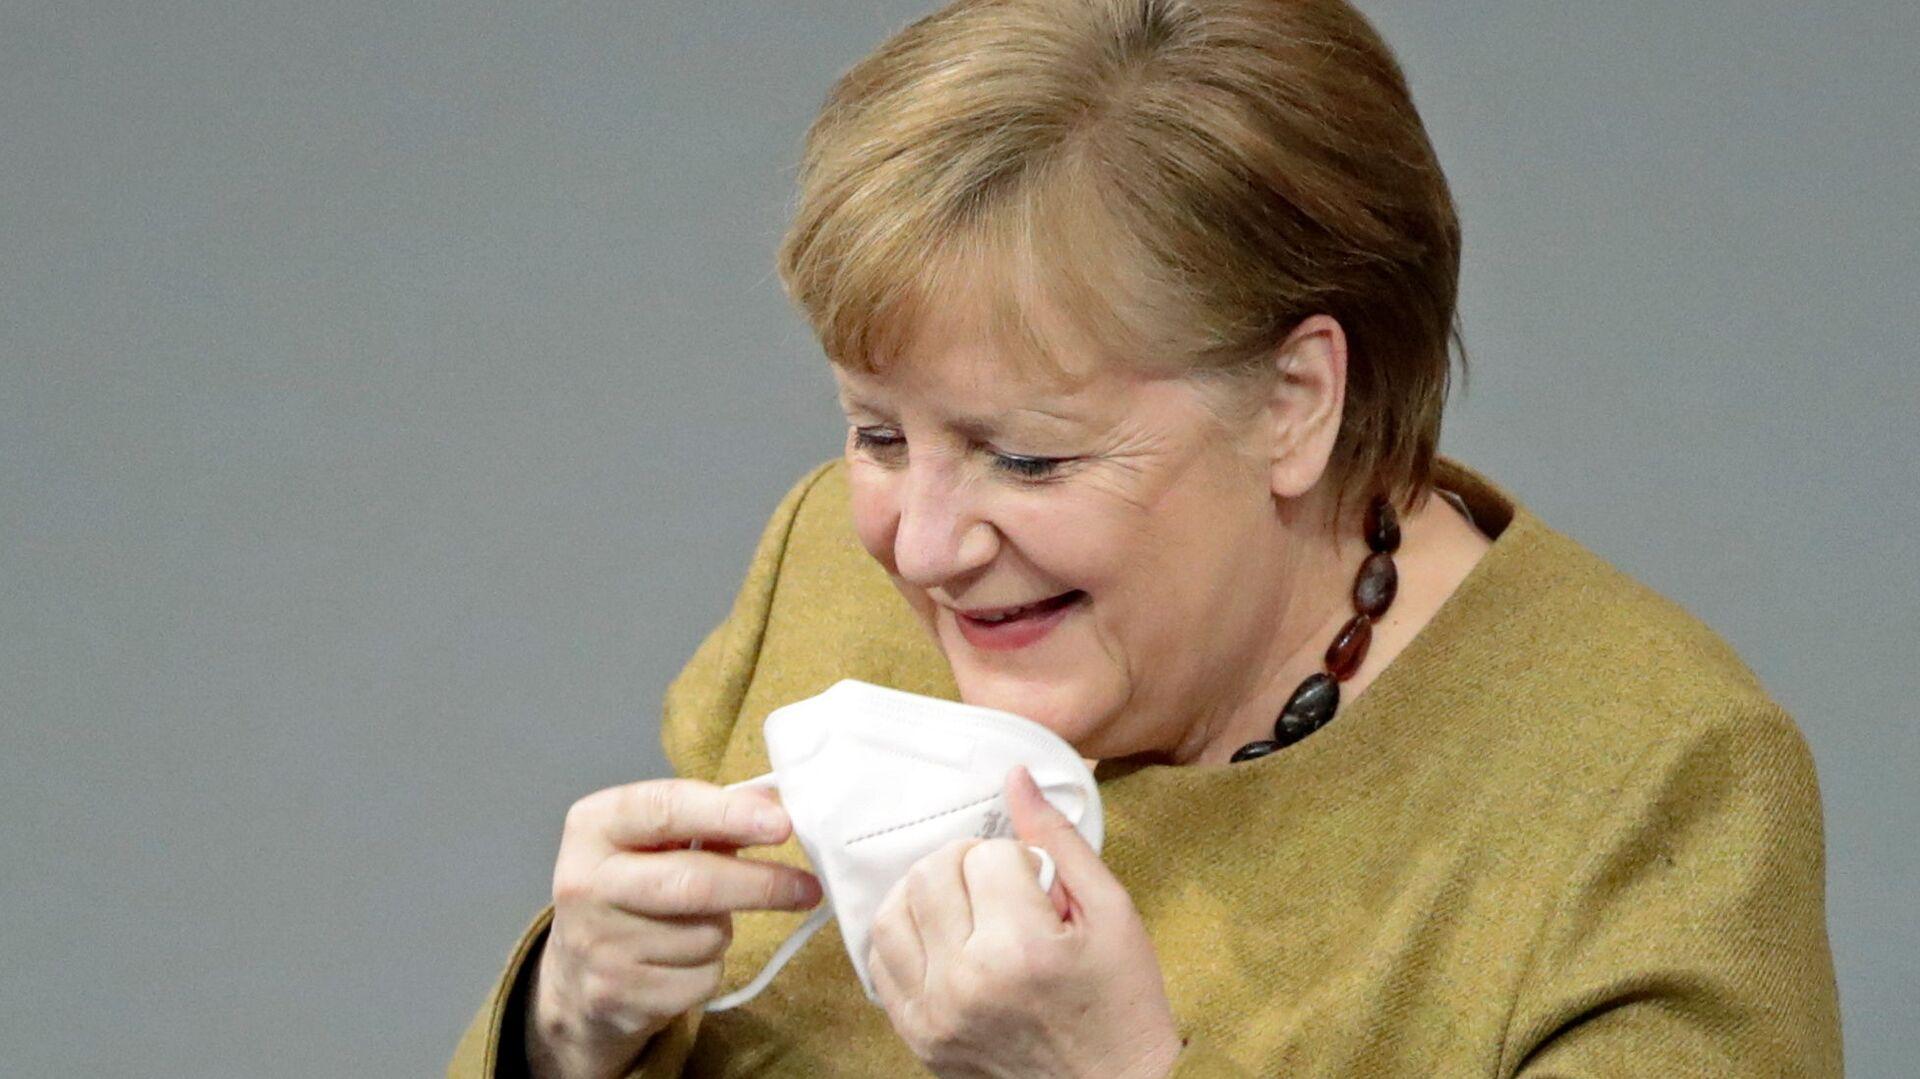 Německá kancléřka Angela Merkelová si zapomněla nasadit roušku - Sputnik Česká republika, 1920, 25.06.2021